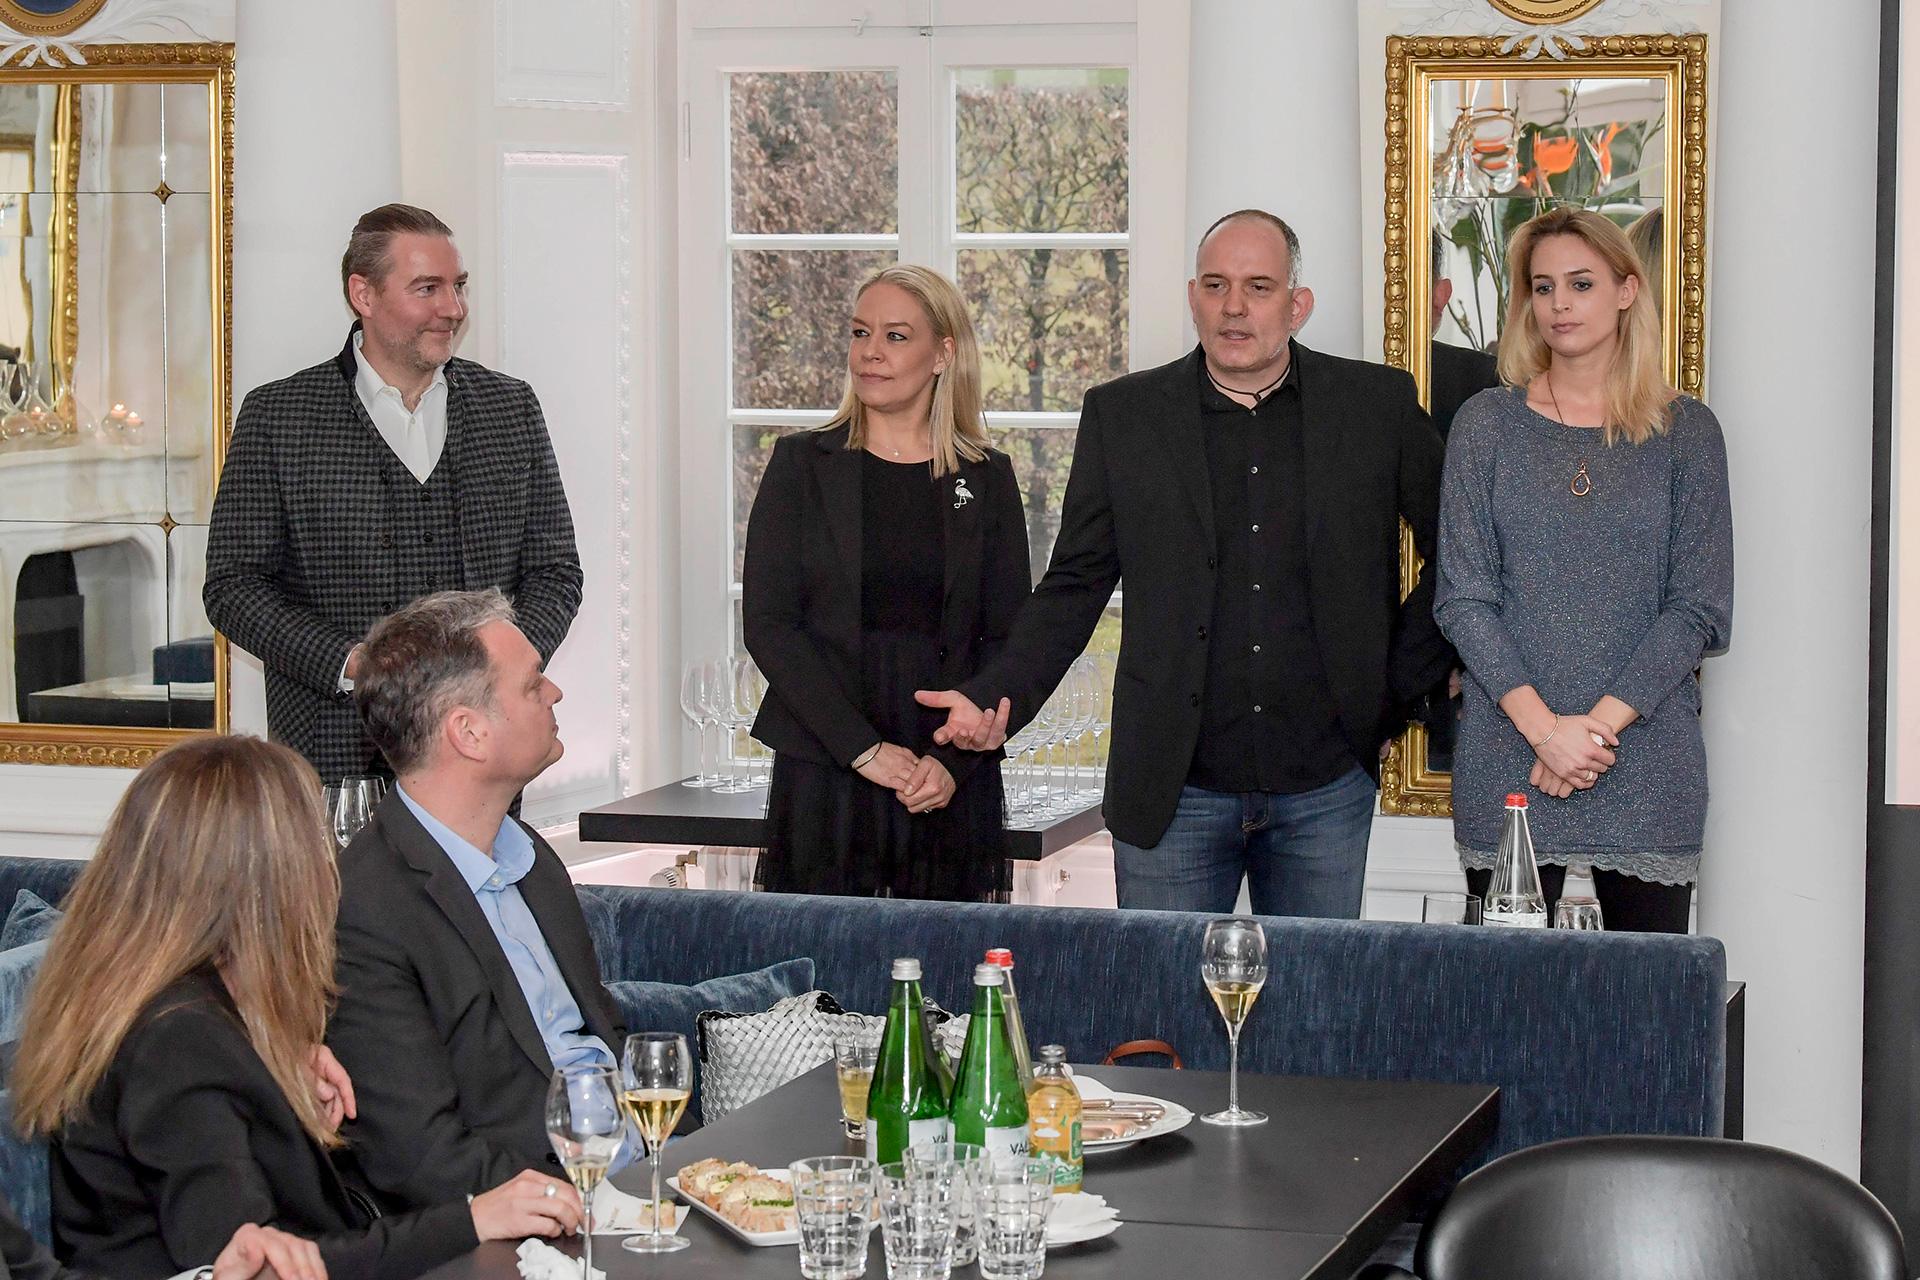 Sponsorentreffen in der Speisemeisterei im Schloss Hohenheim